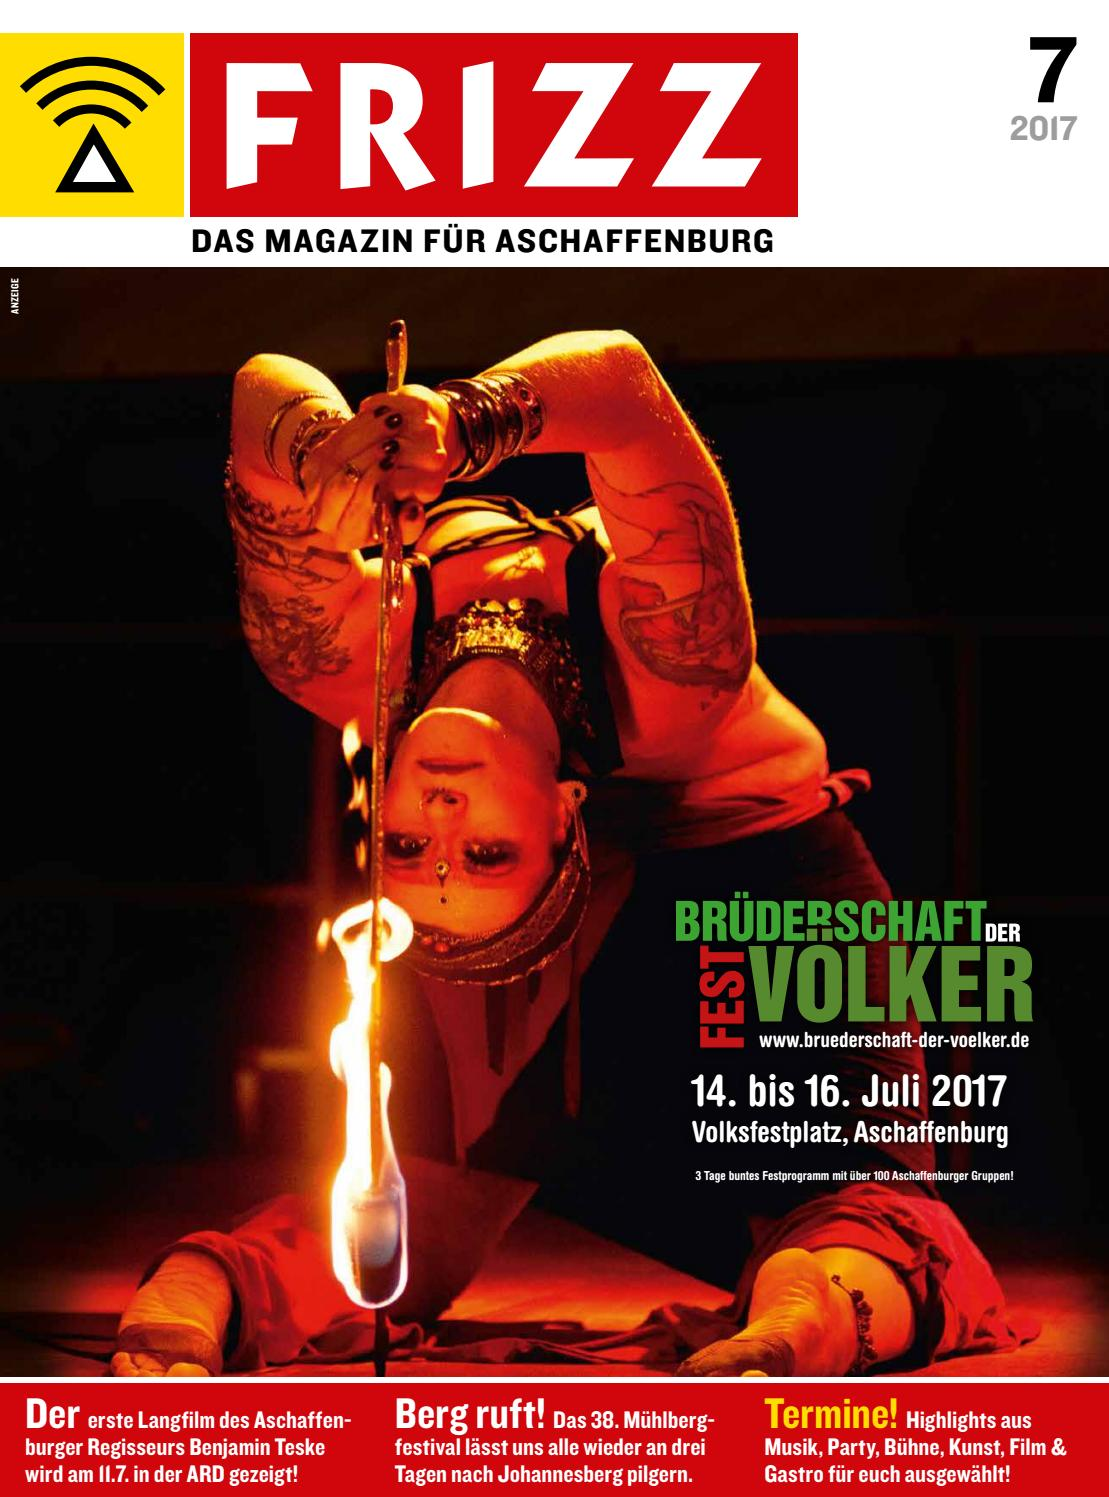 FRIZZ Aschaffenburg 07|2017 by MorgenWelt Verlag - issuu